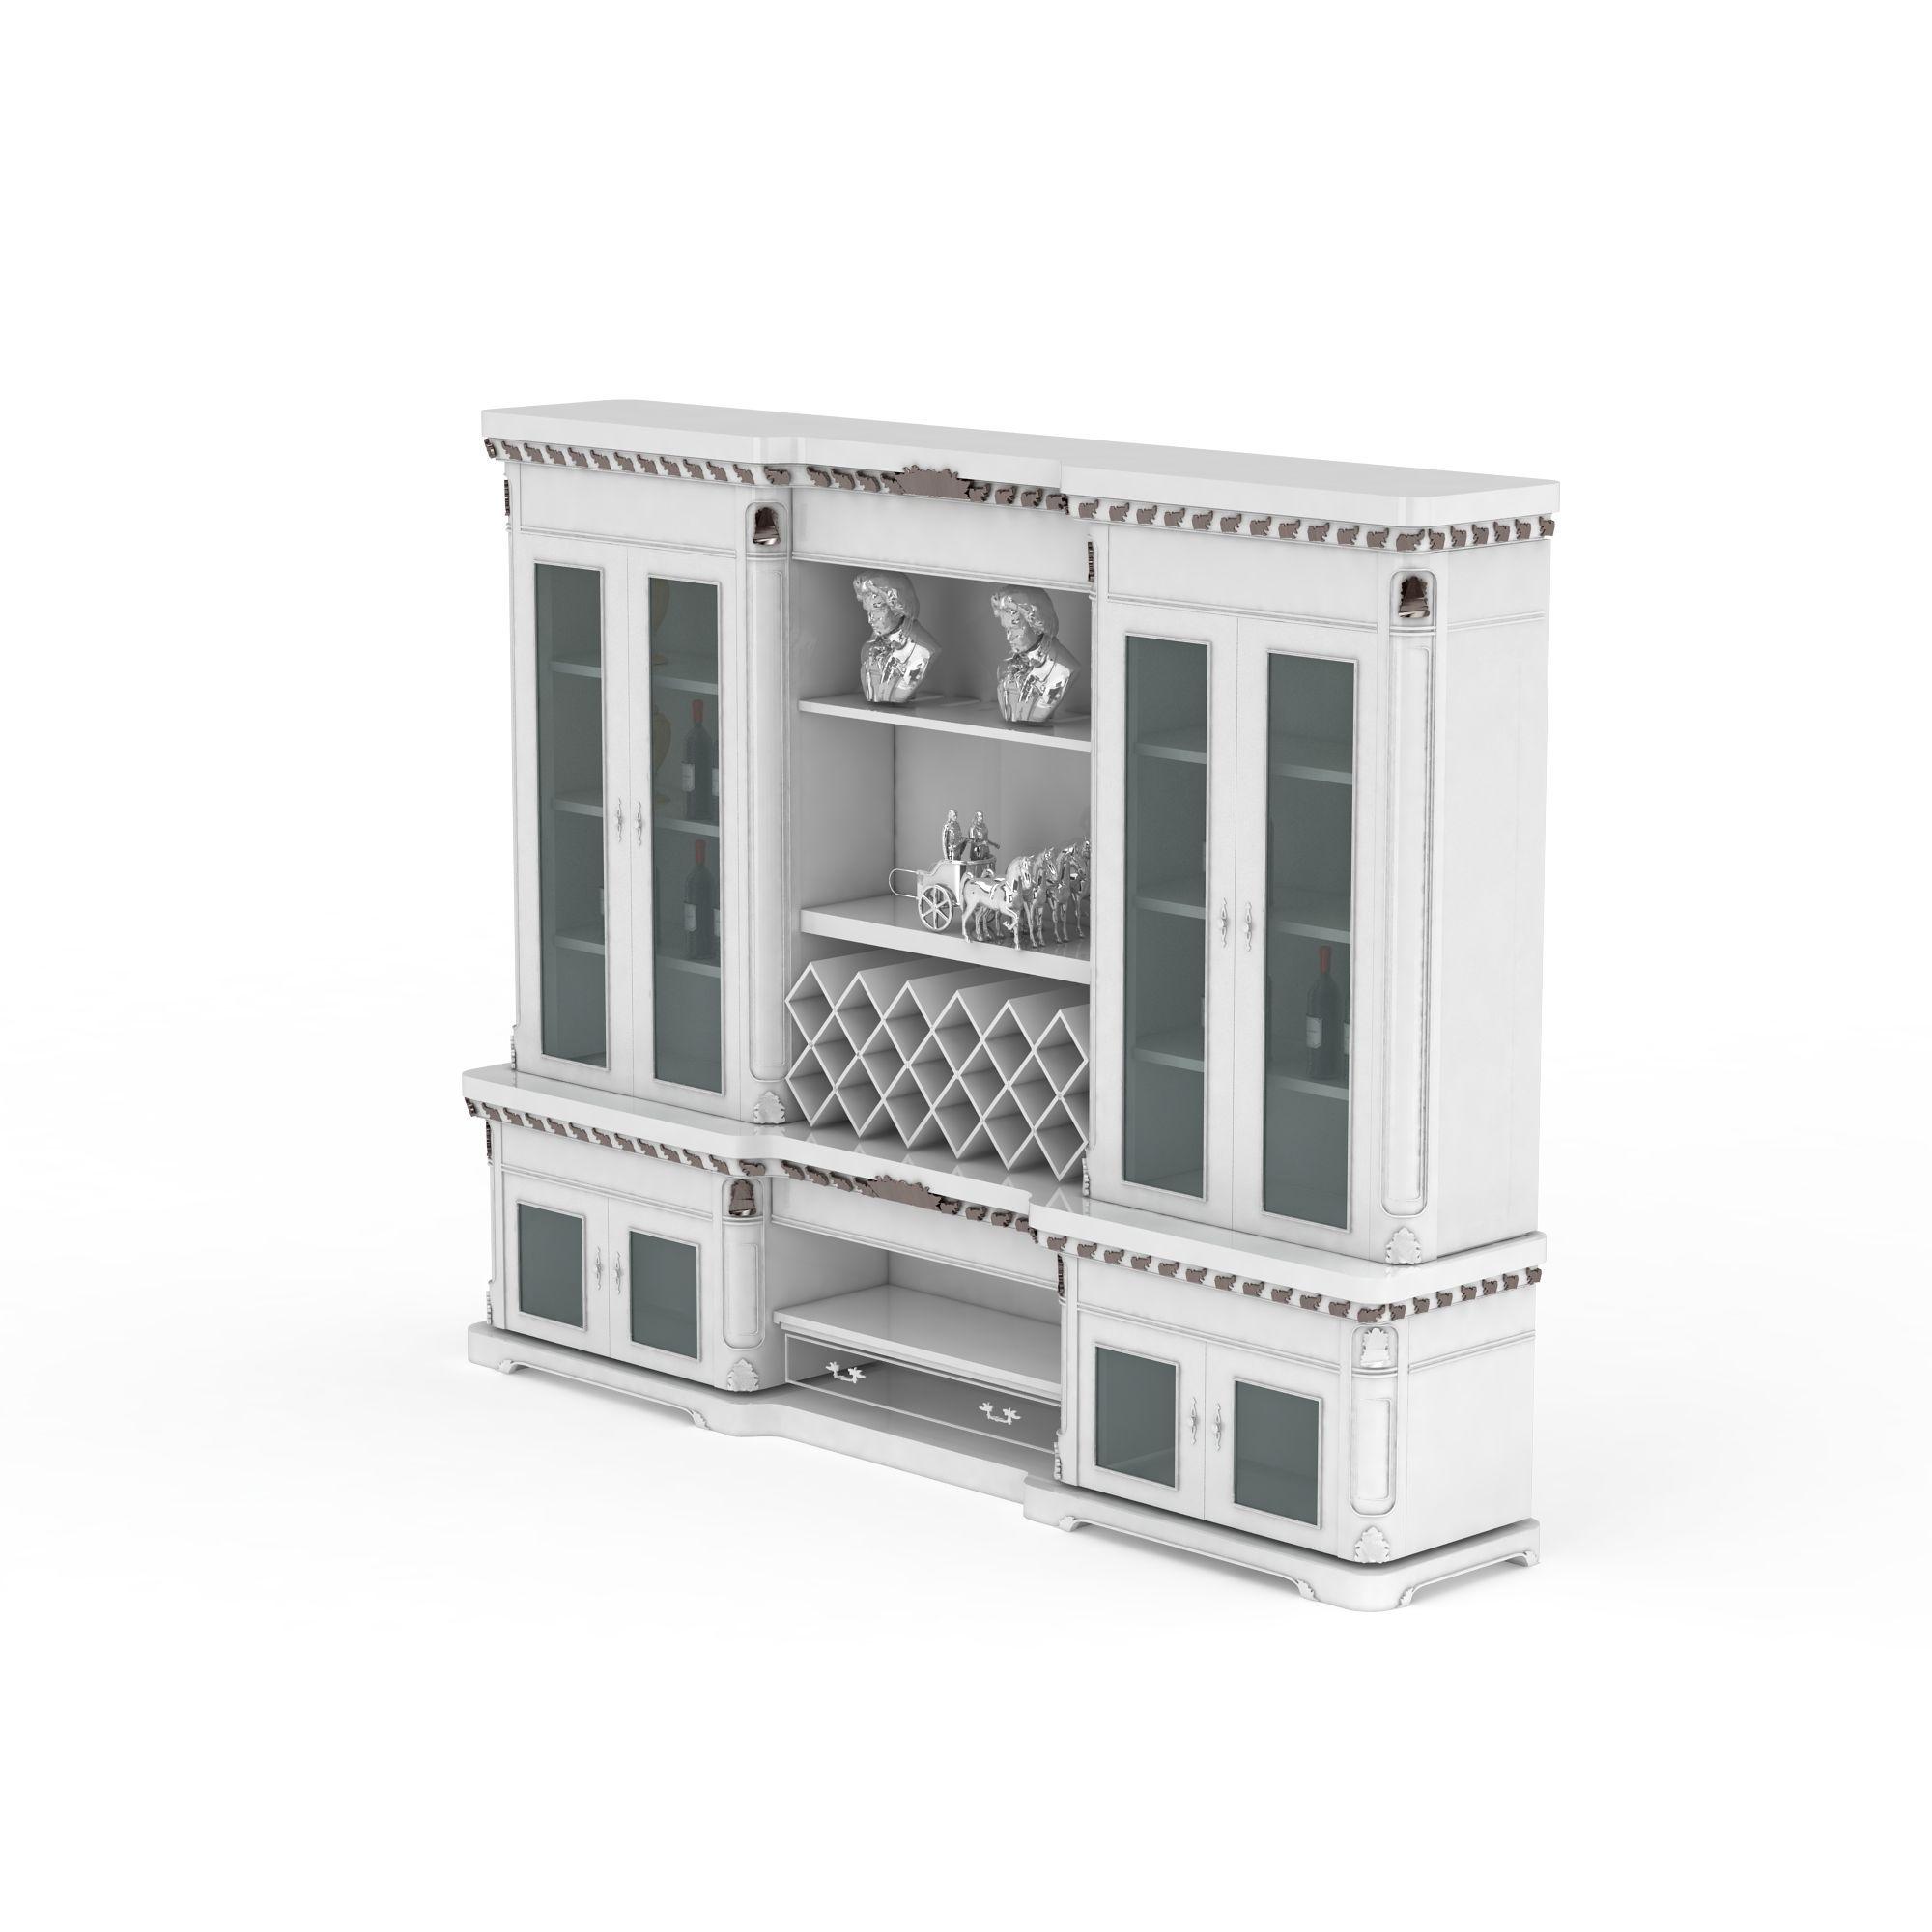 欧式酒柜高清图详情 设计师 3d学院 模型名称 欧式酒柜3d模型 学院id